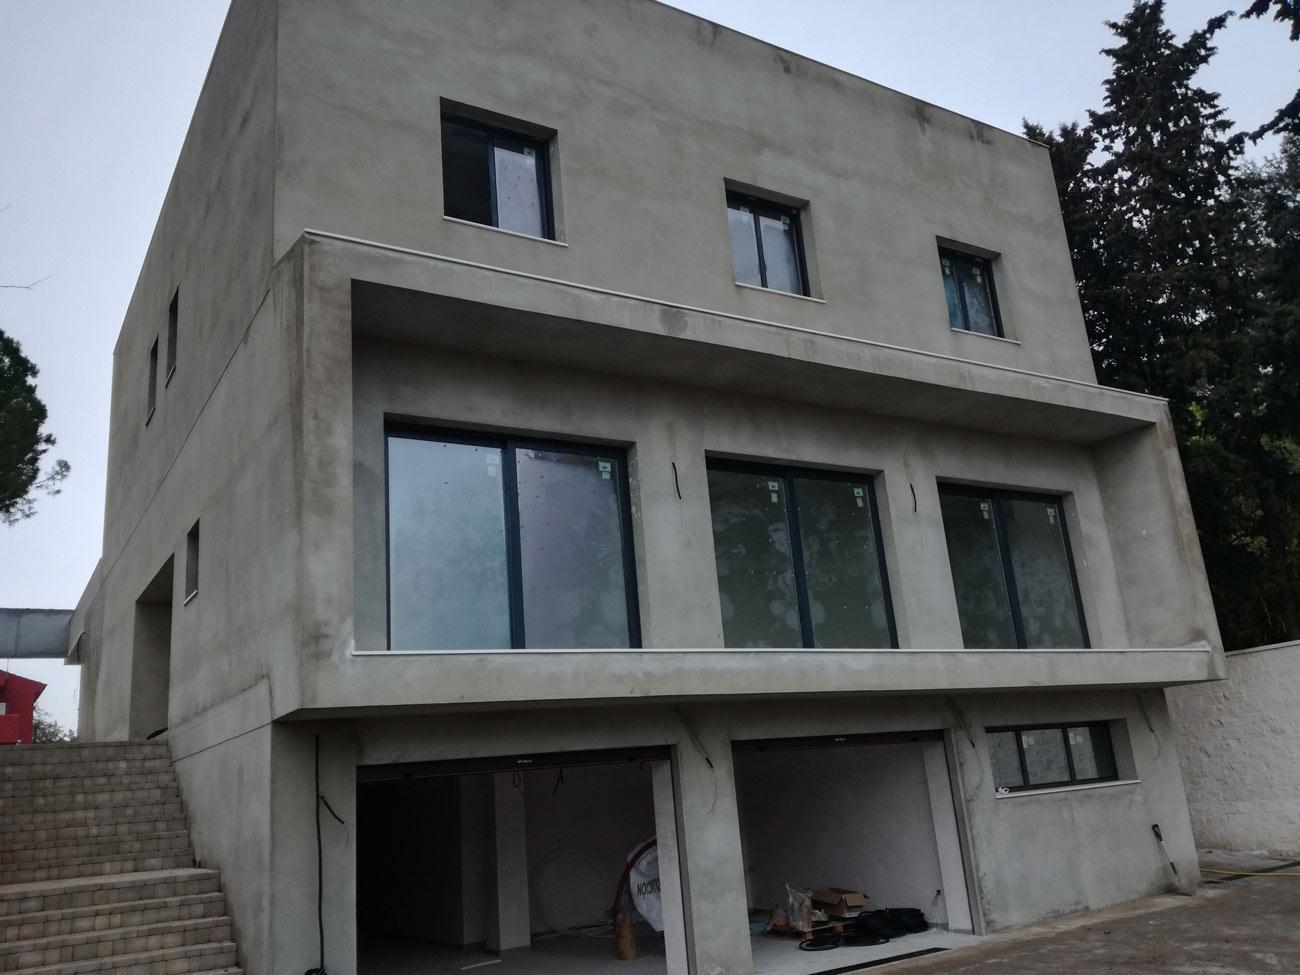 Casas de hormigon en sevilla perfect razones para escoger tu casa modular de hormign with casas - Casas modulares sevilla ...